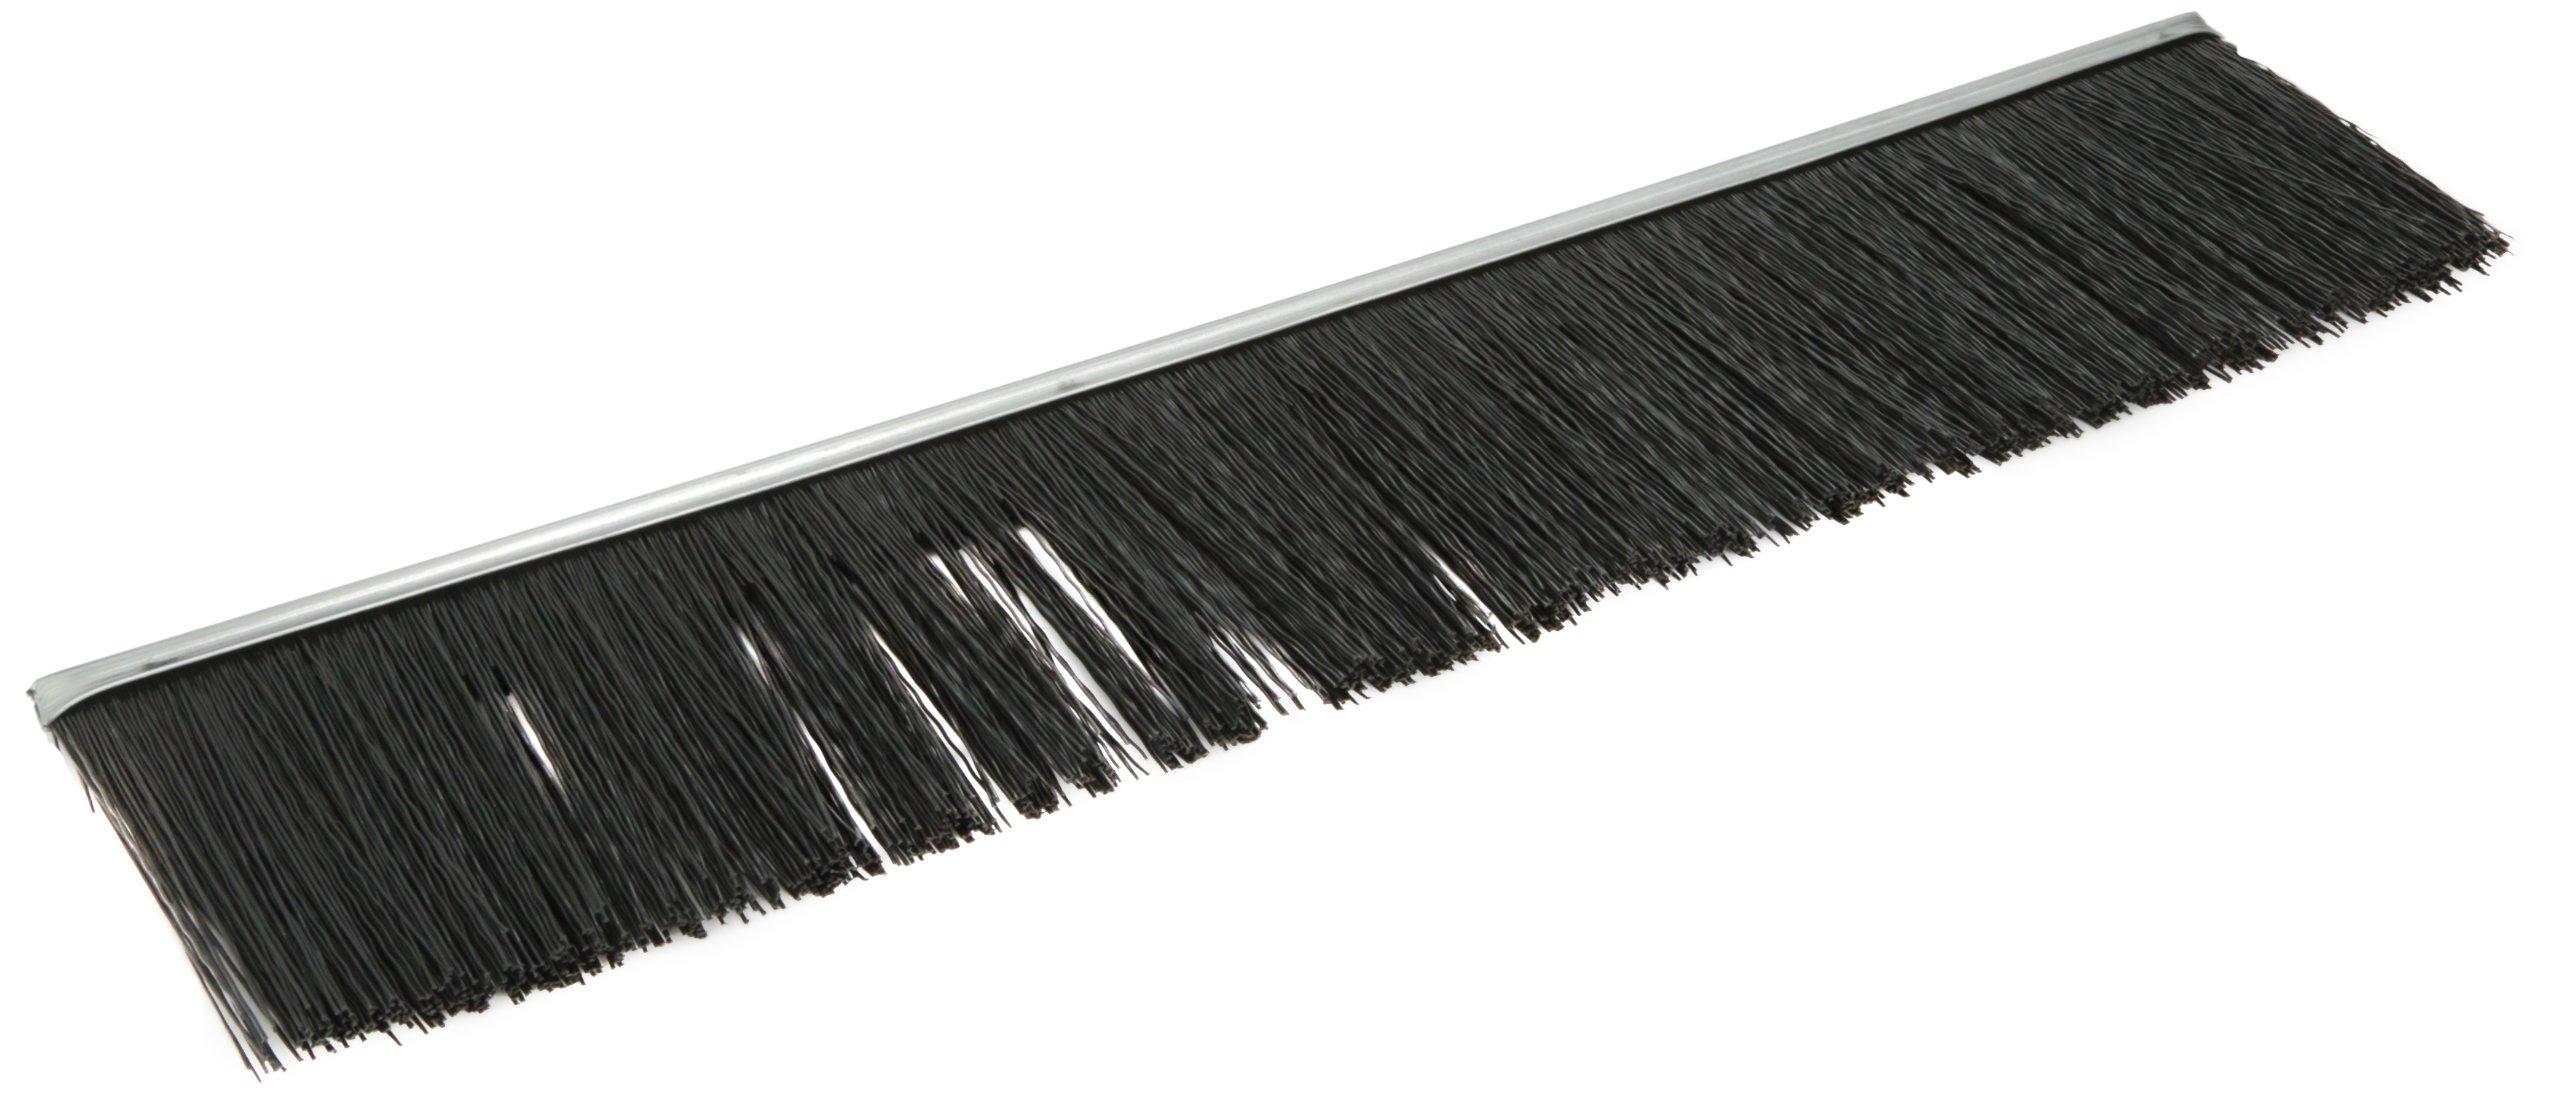 Agri-Fab 46780 Brush, 42-Inch Sweeper- 21-3/4-Inch by Agri-Fab